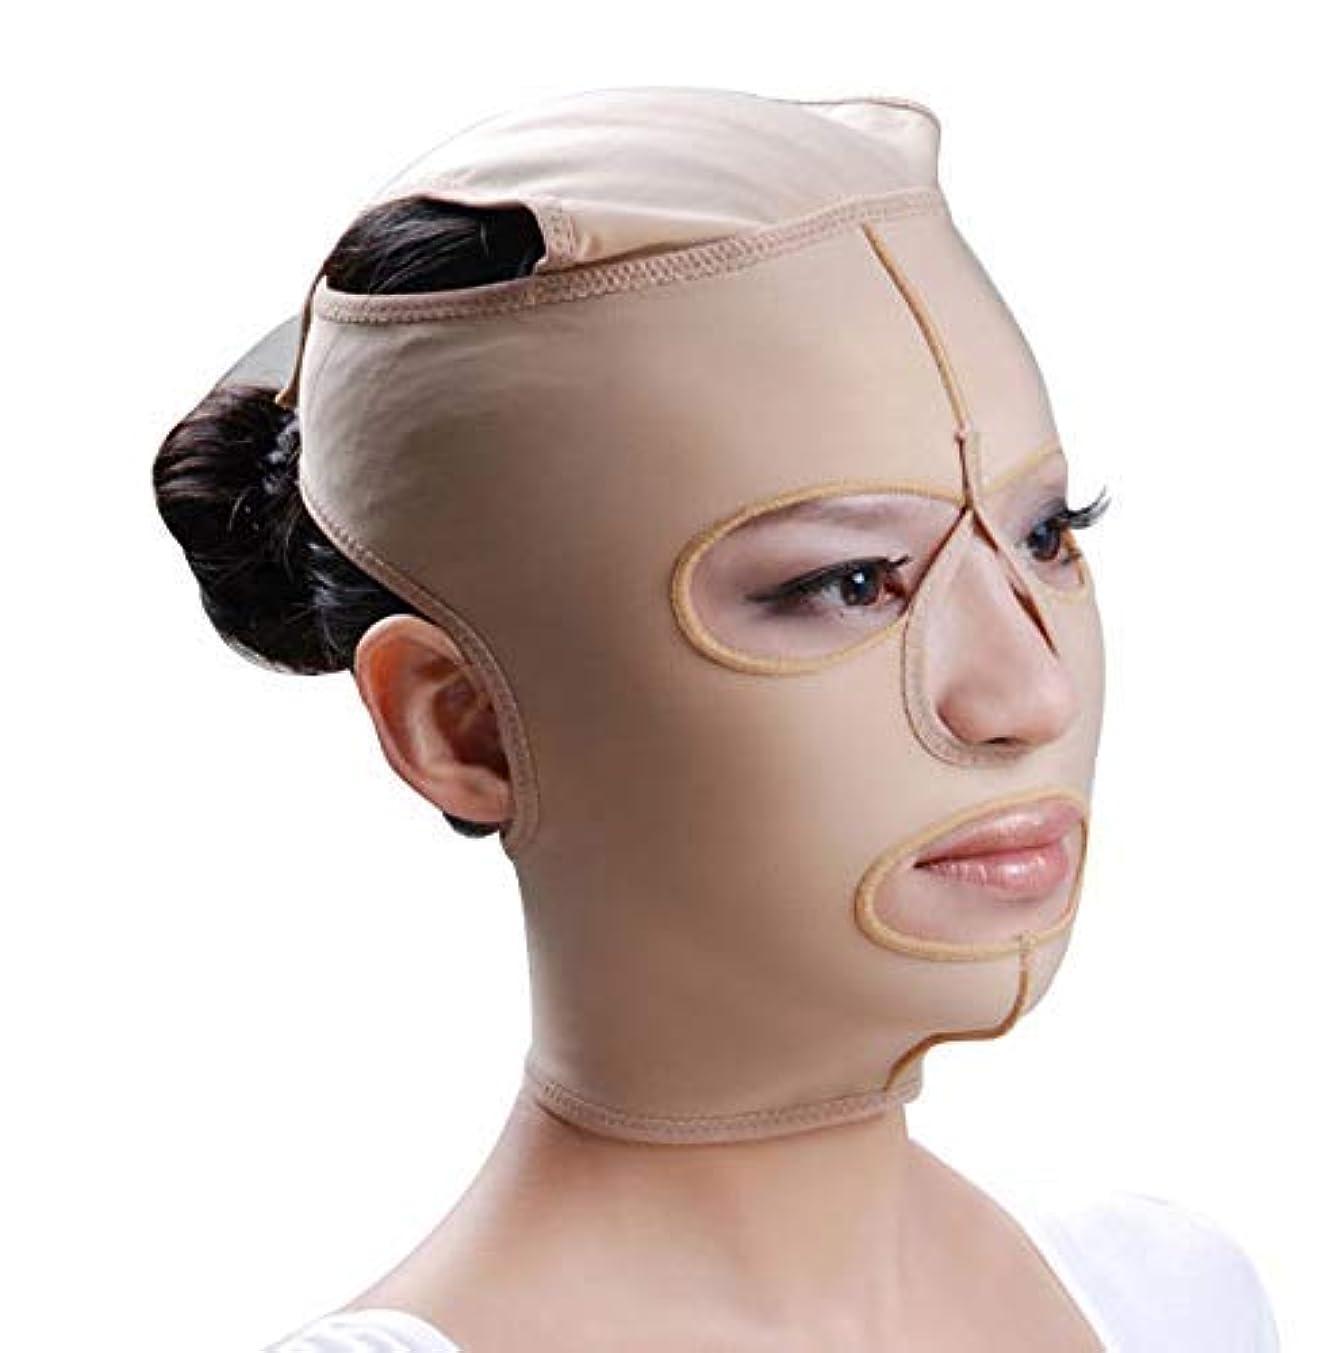 ラベンダー致死ピルファーミングフェイスマスク、フェイシャルマスクエラスティックフェイスリフティングリフティングファーミングパターンマイクロフィニッシングポストモデリングコンプレッションフェイスマスク(サイズ:S),M